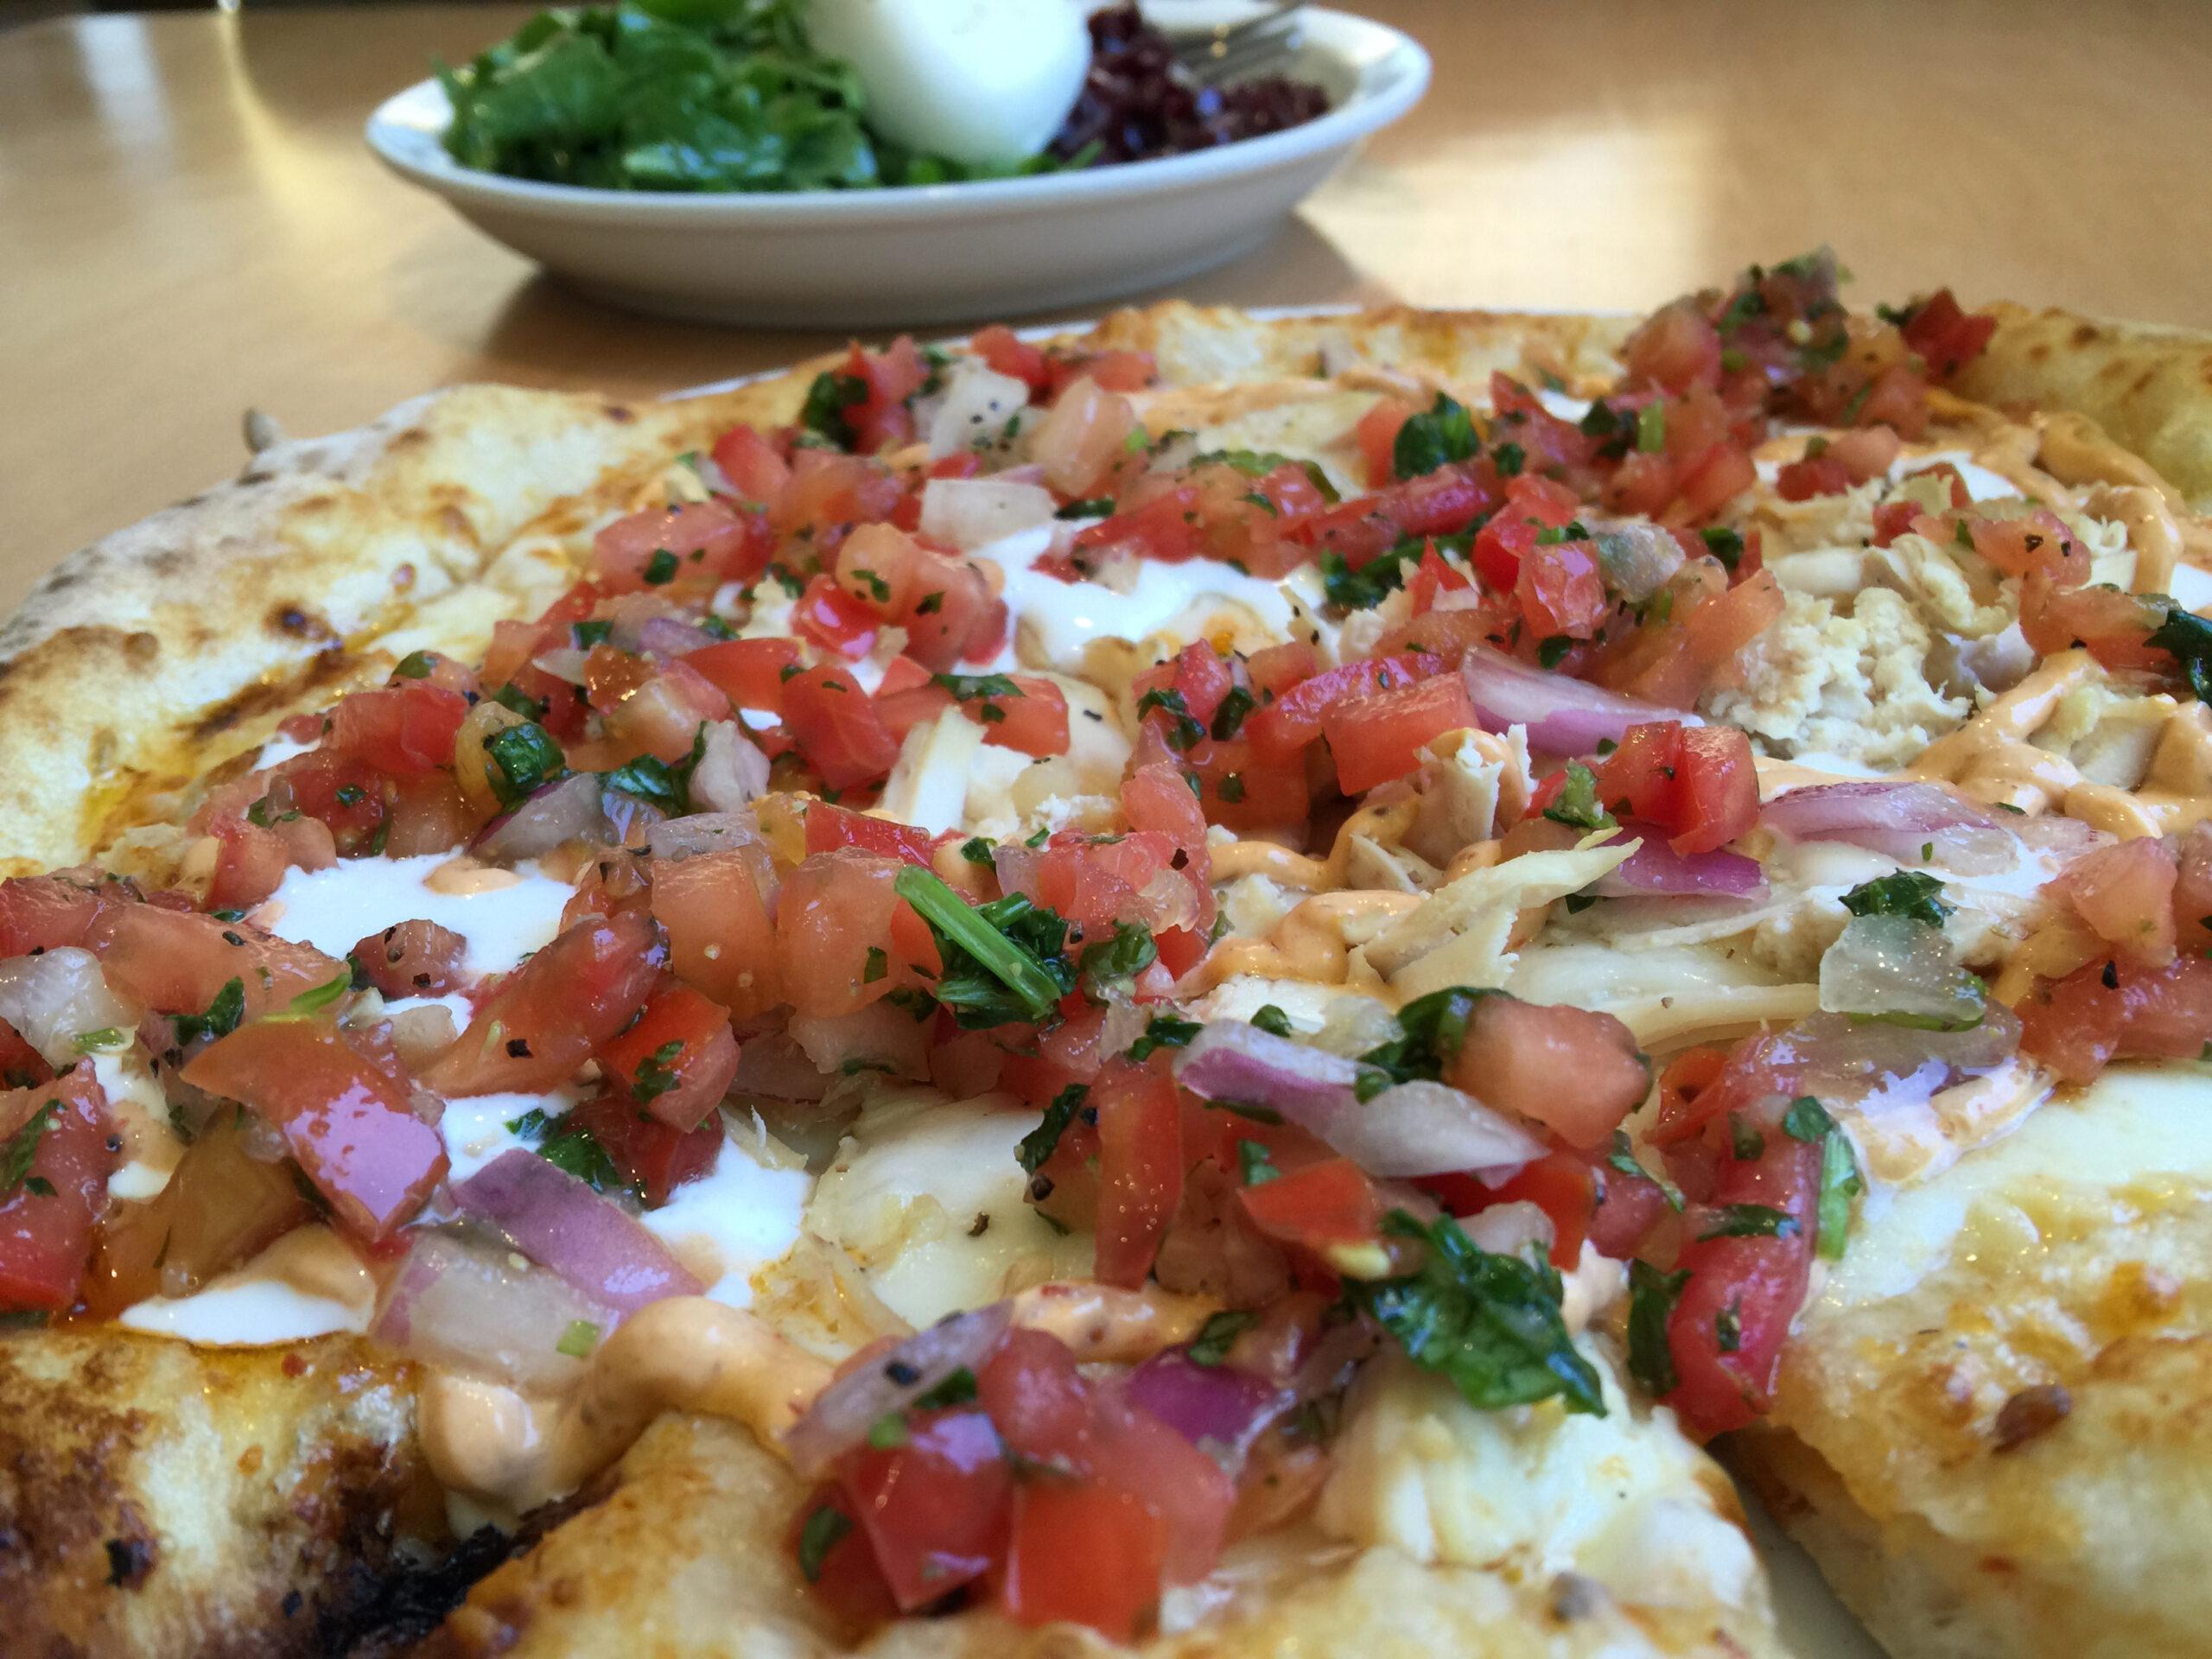 Chipotle Chicken Pizza from Persona in Santa Rosa